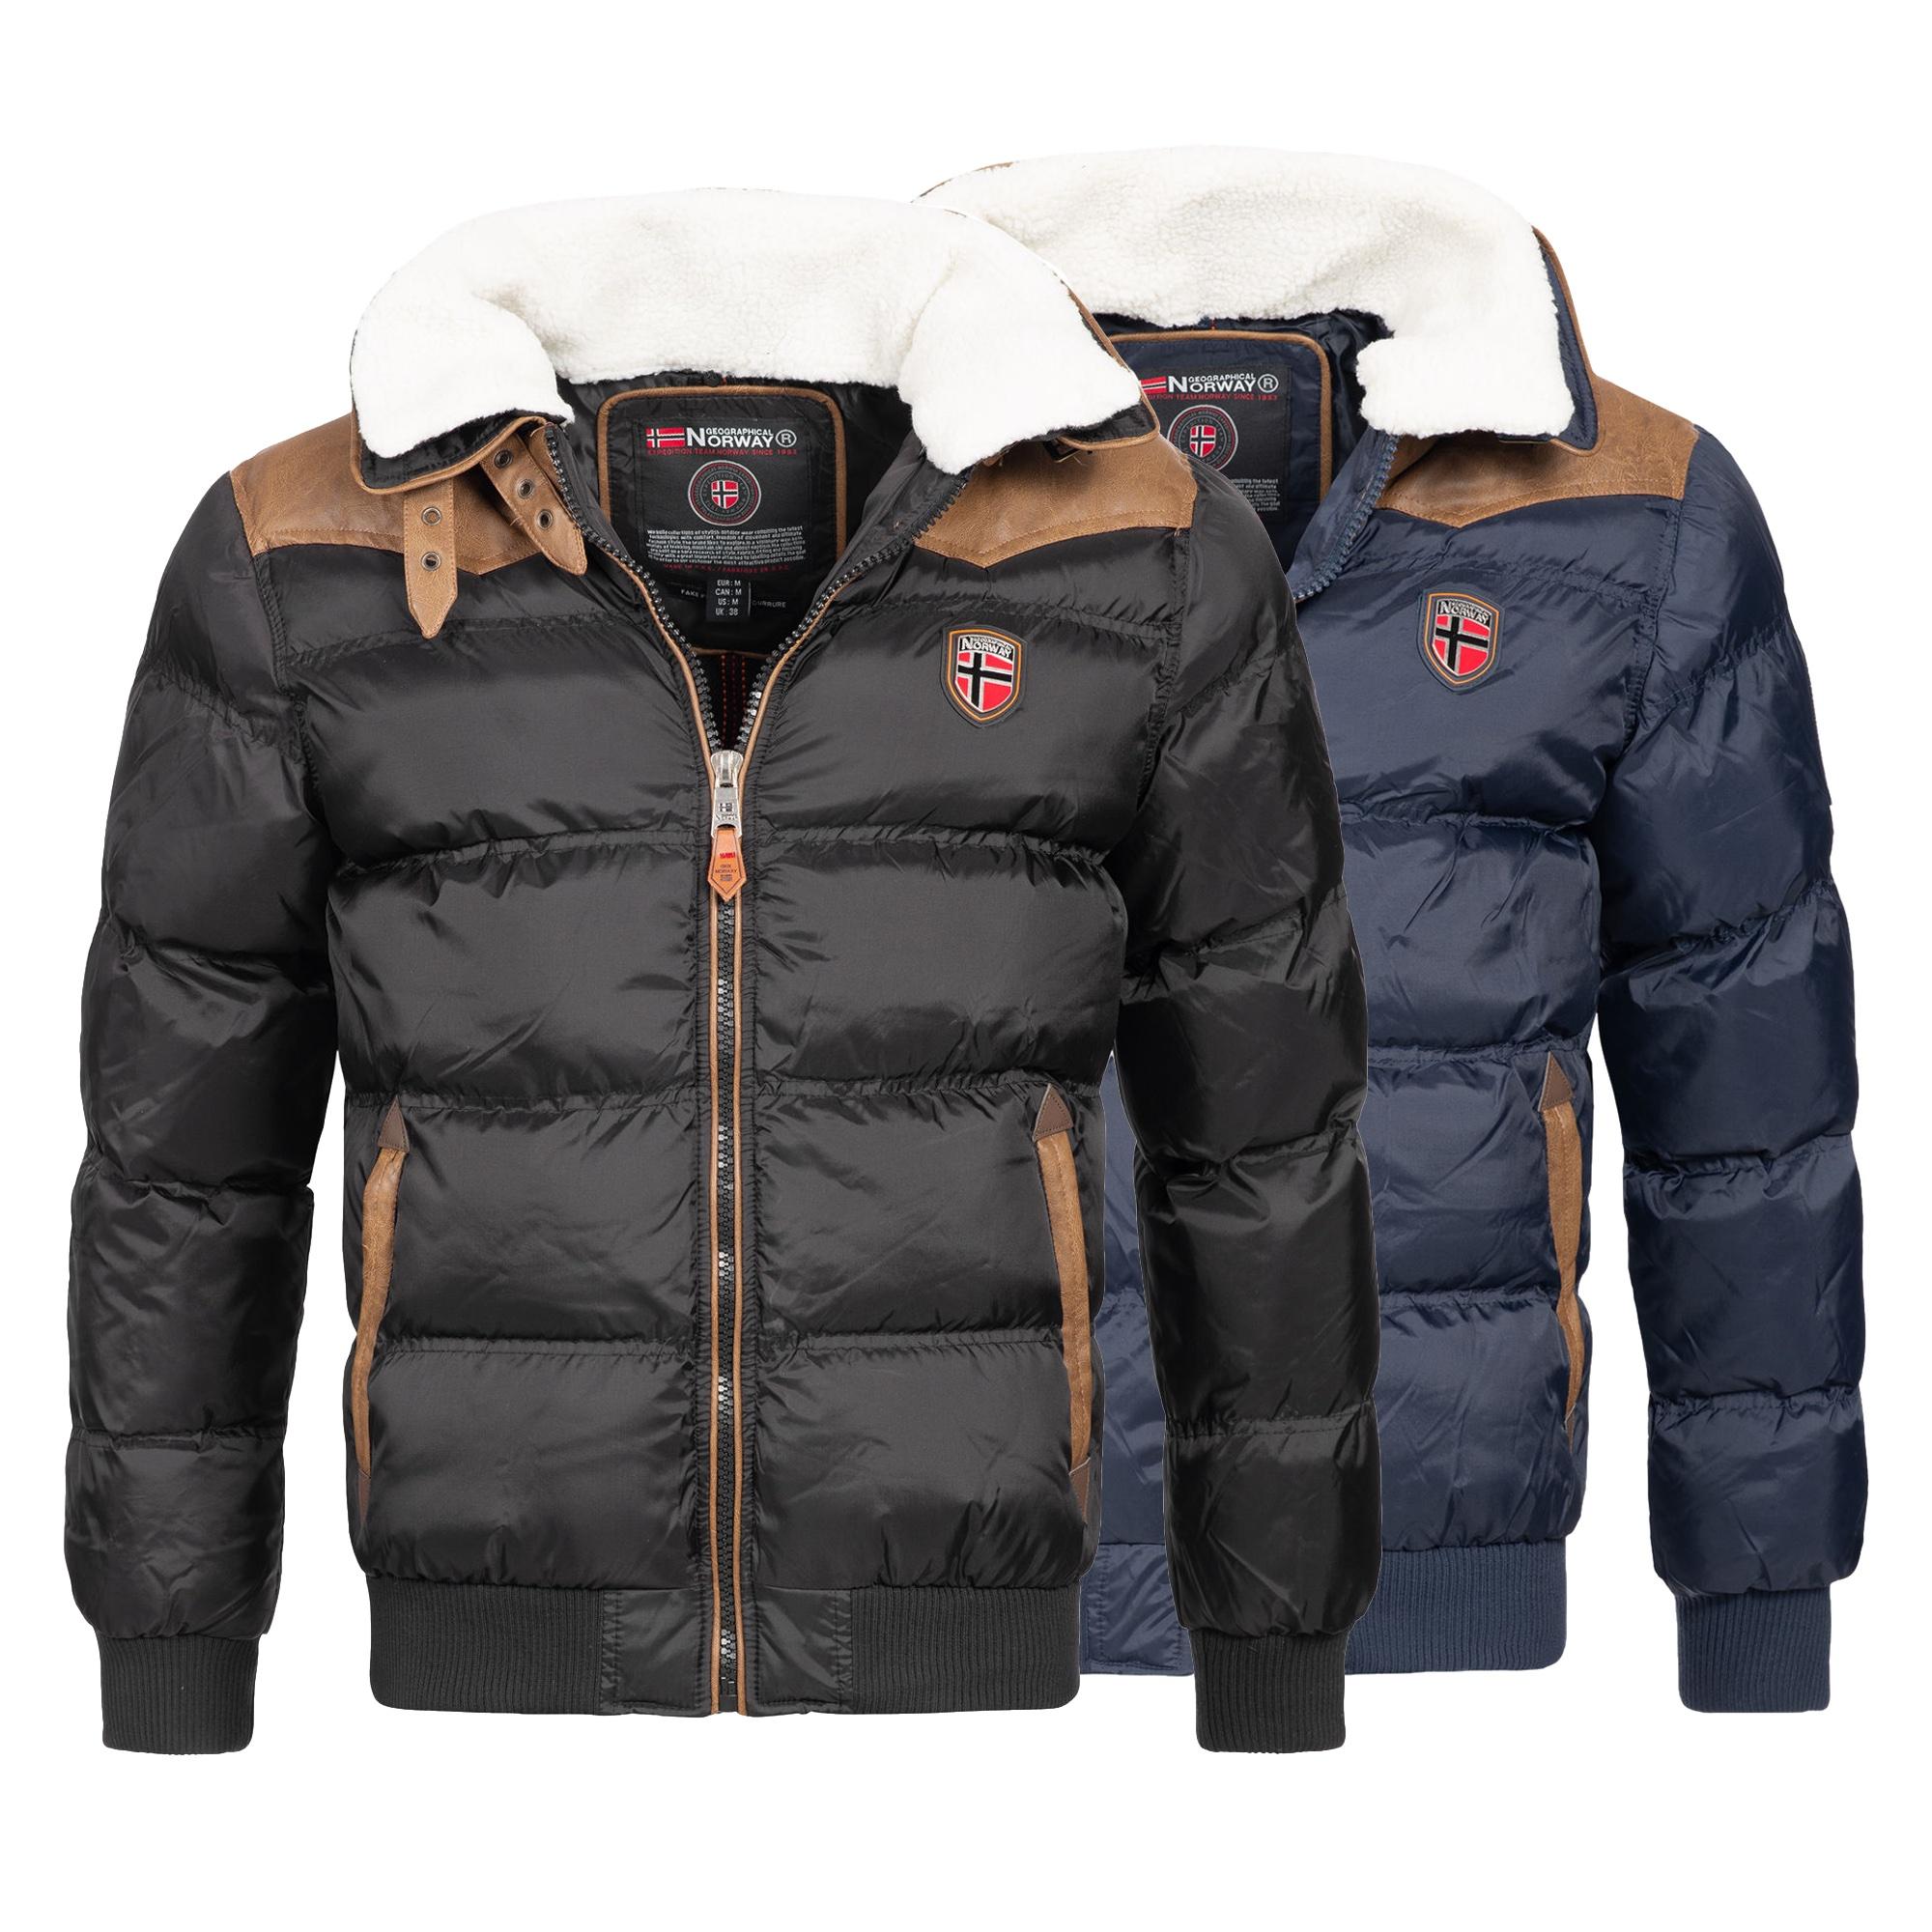 Geographical Norway Emei Herren Winterjacke (Gr. S - XXL, 2 verschiedene Farben) für 44,99€